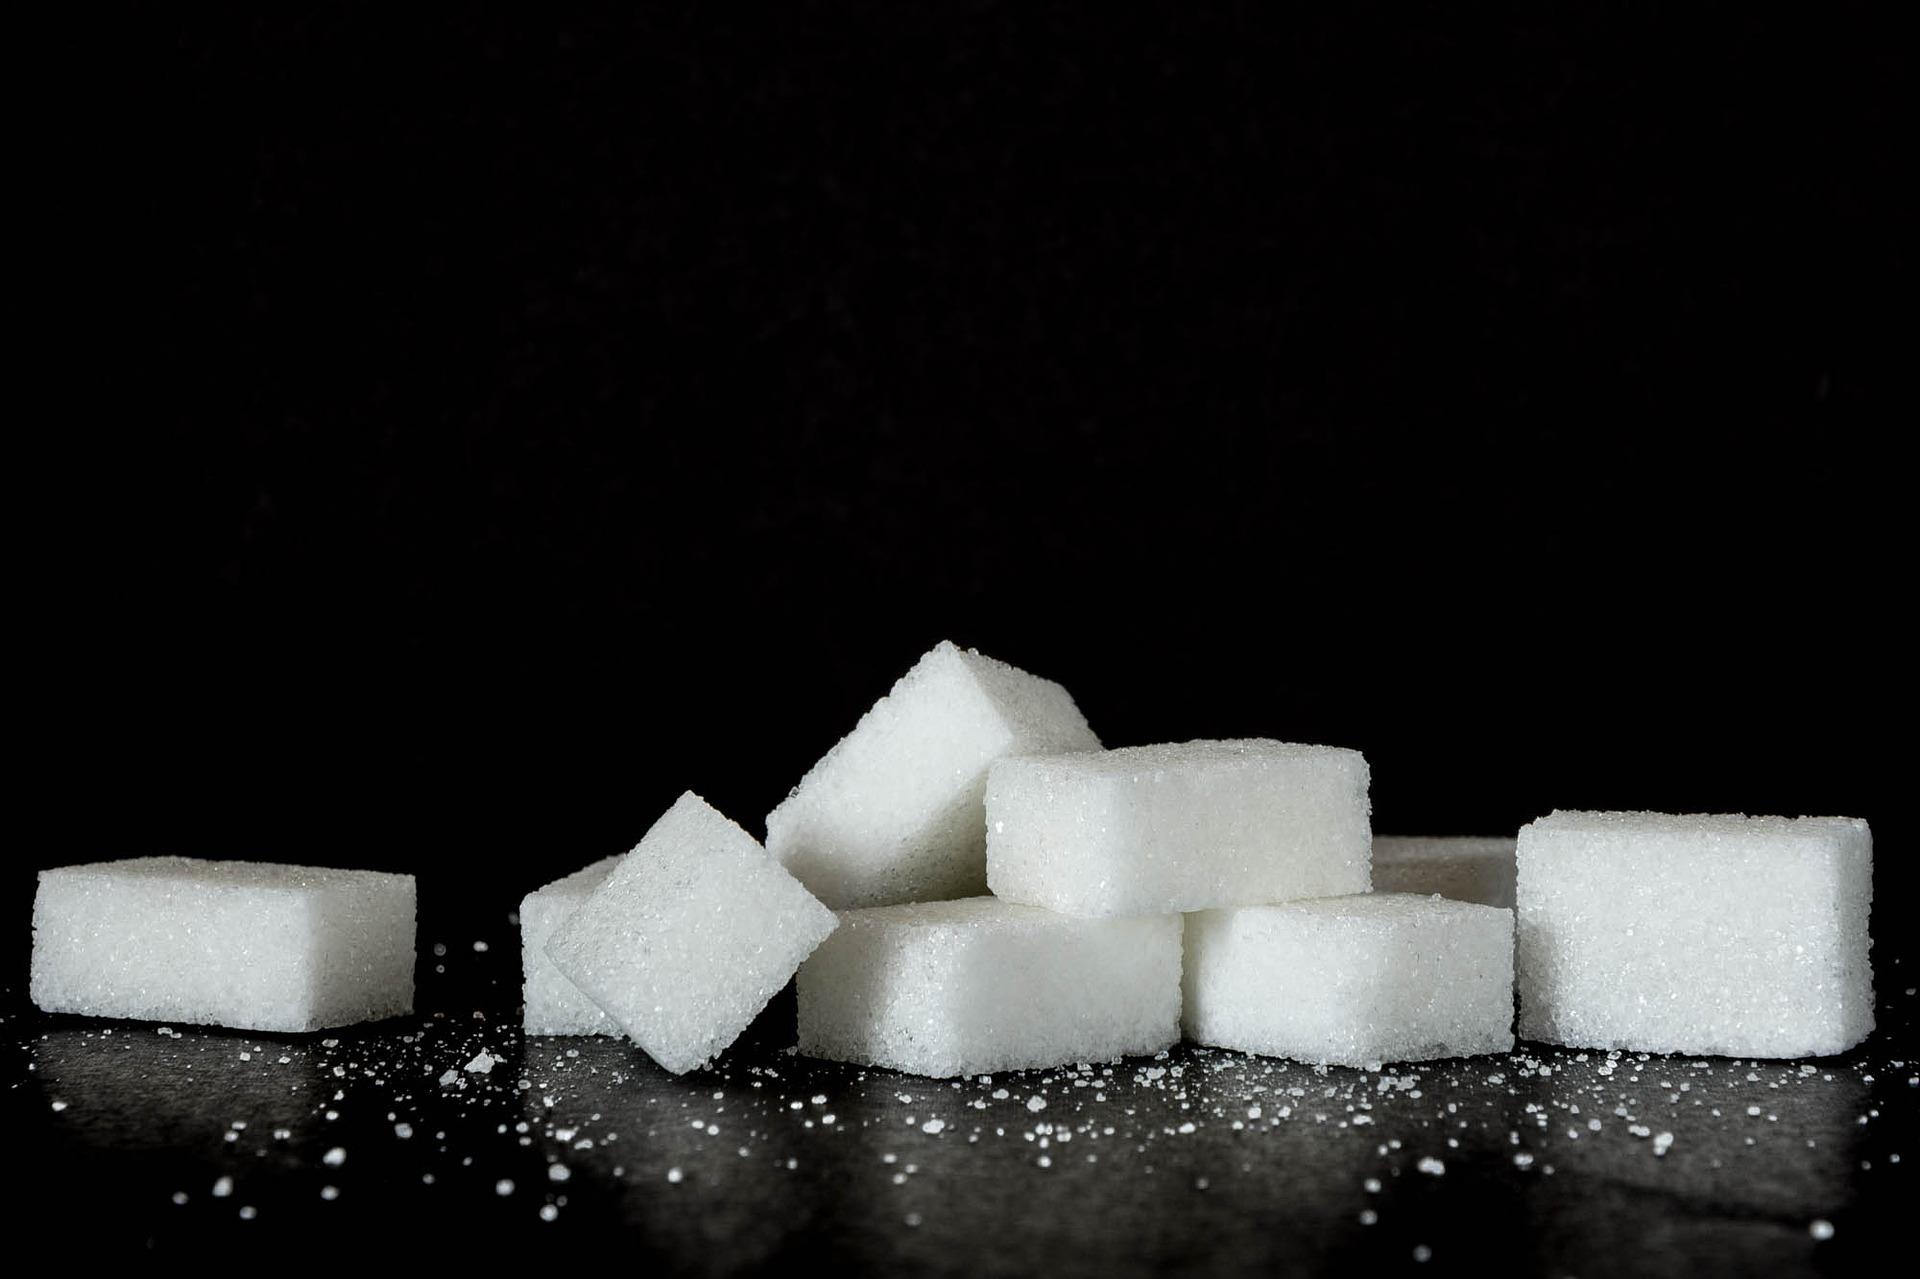 efectos malos sobre la salud de consumir grandes cantidades de azucar